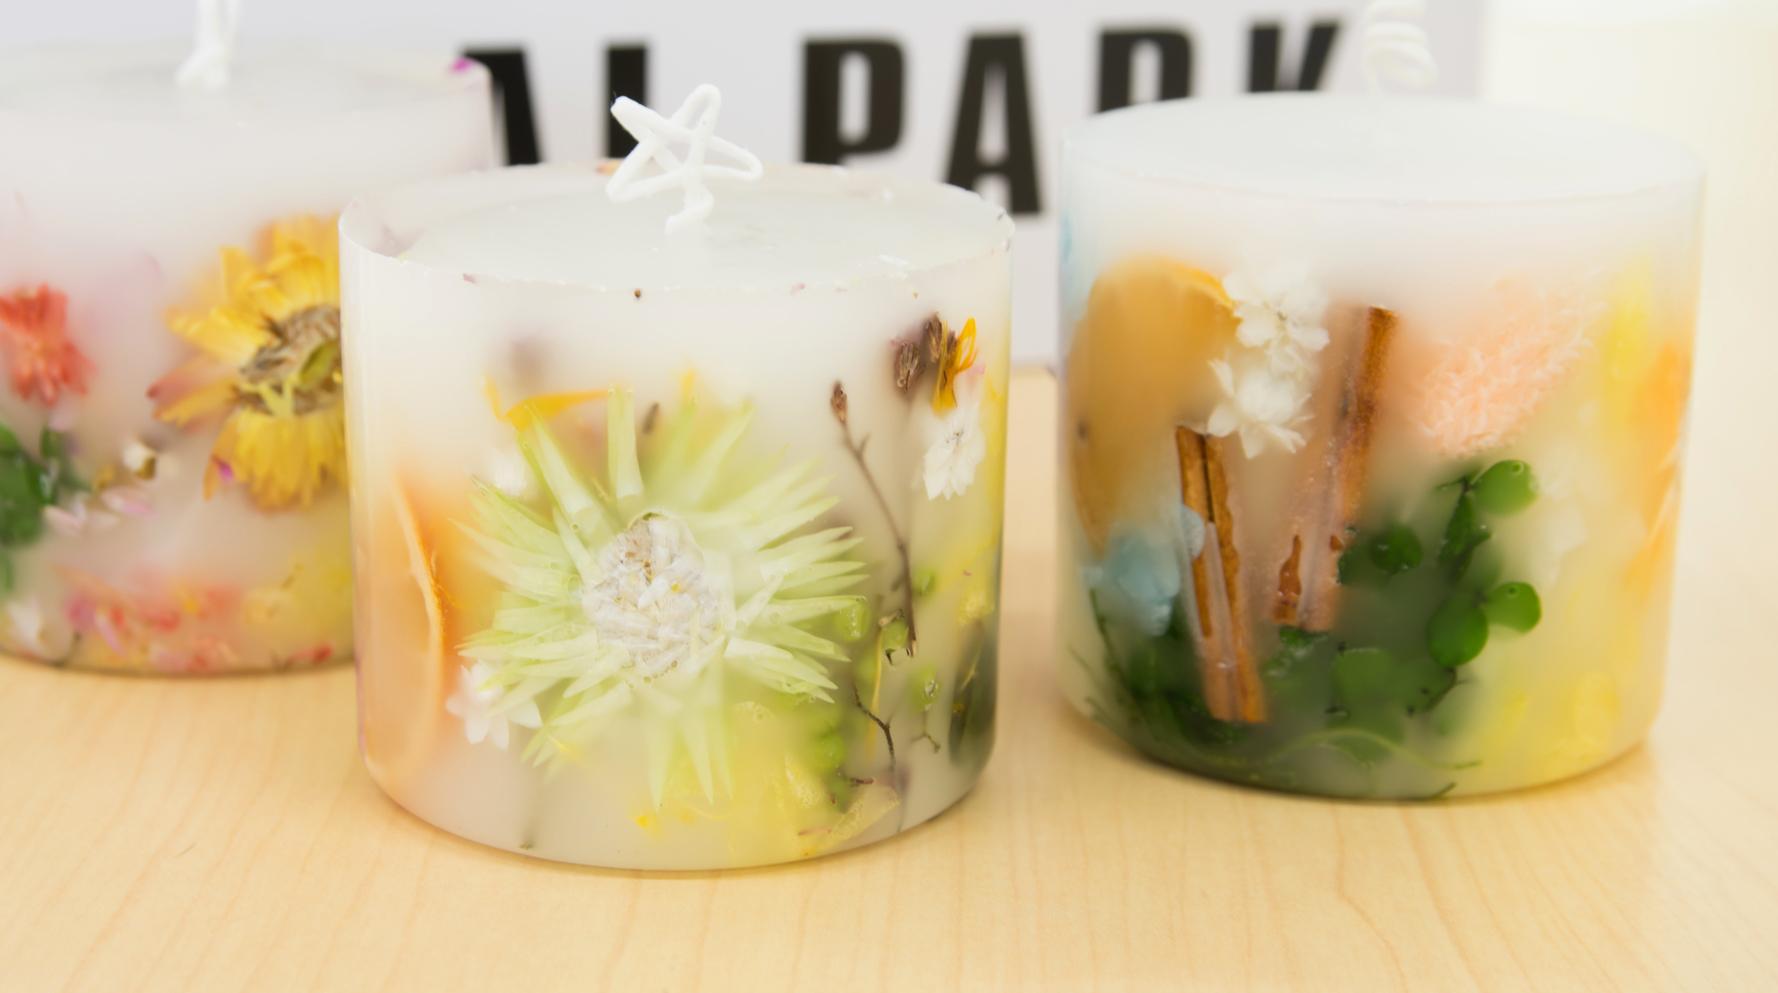 お花が蝋から透けて綺麗に映えるキャンドルづくり。土台となるキャンドルを容器に入れ、周りの隙間にドライフラワーを入れる。さらに溶かした蝋を流し込めば完成です。